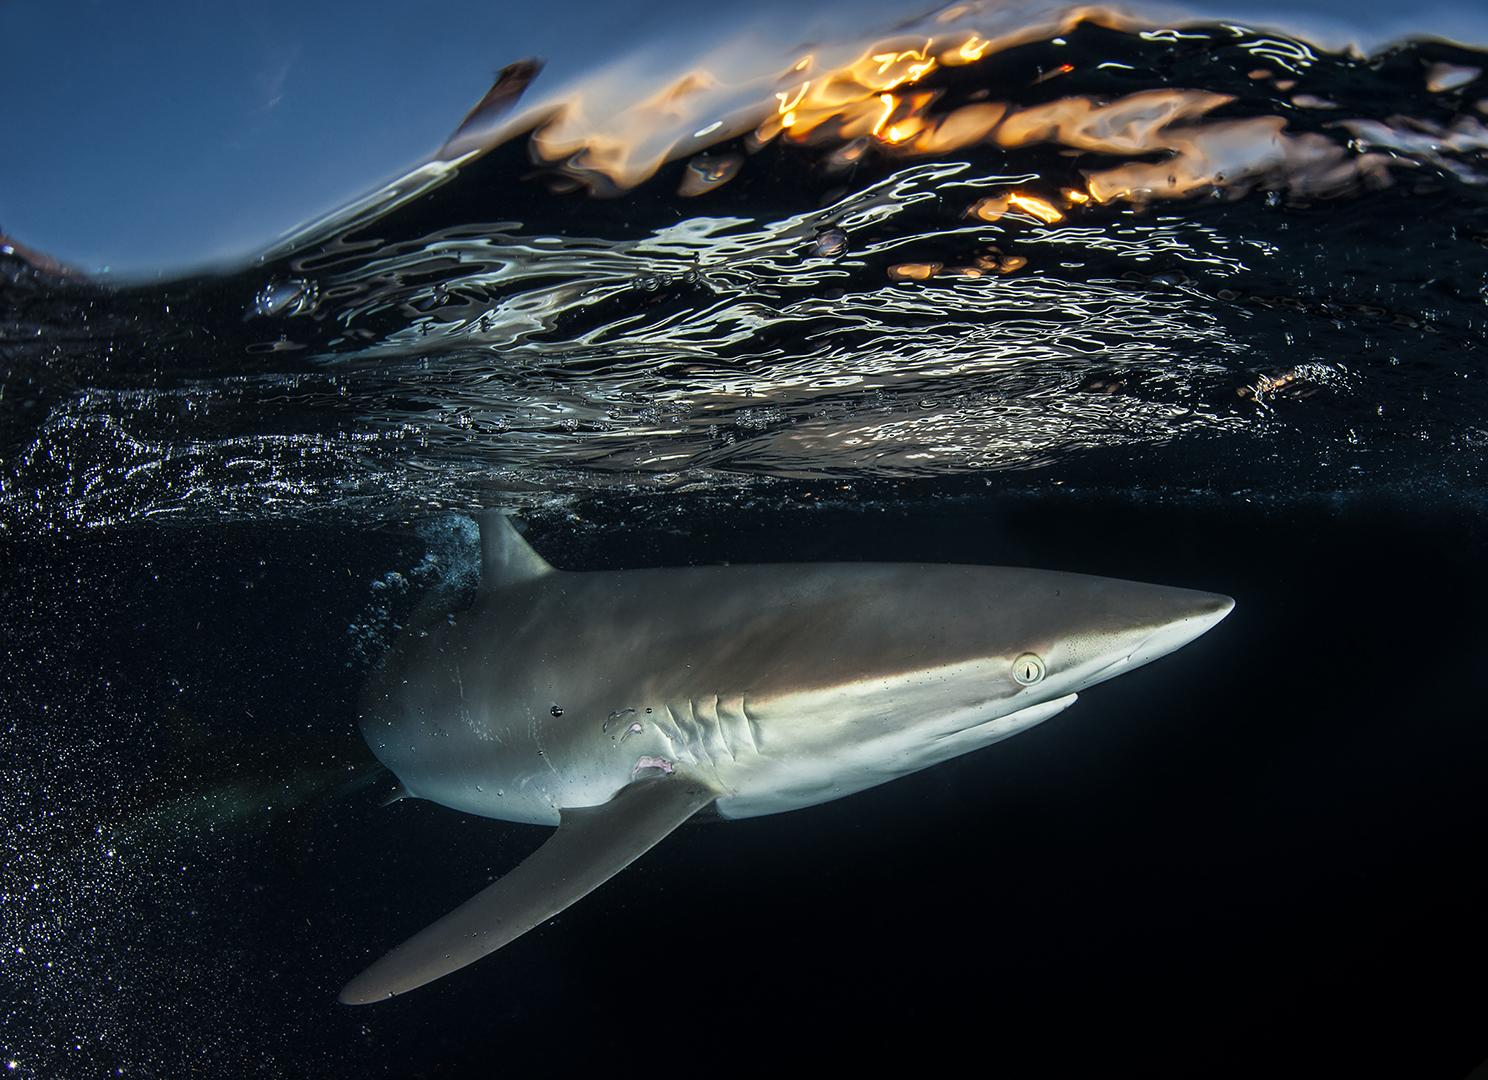 La couleur du coucher de soleil. Une vague cristalline d'or se brise au-dessus d'un requin soyeux (Carcharhinus falciformis) dans les Jardins de la Reine à Cuba. Le sanctuaire marin national, situé à cinquante miles de la côte sud de Cuba, est un modèle de préservation dans les Caraïbes où les récifs fleurissent en soutenant un écosystème intact de la proie au prédateur.